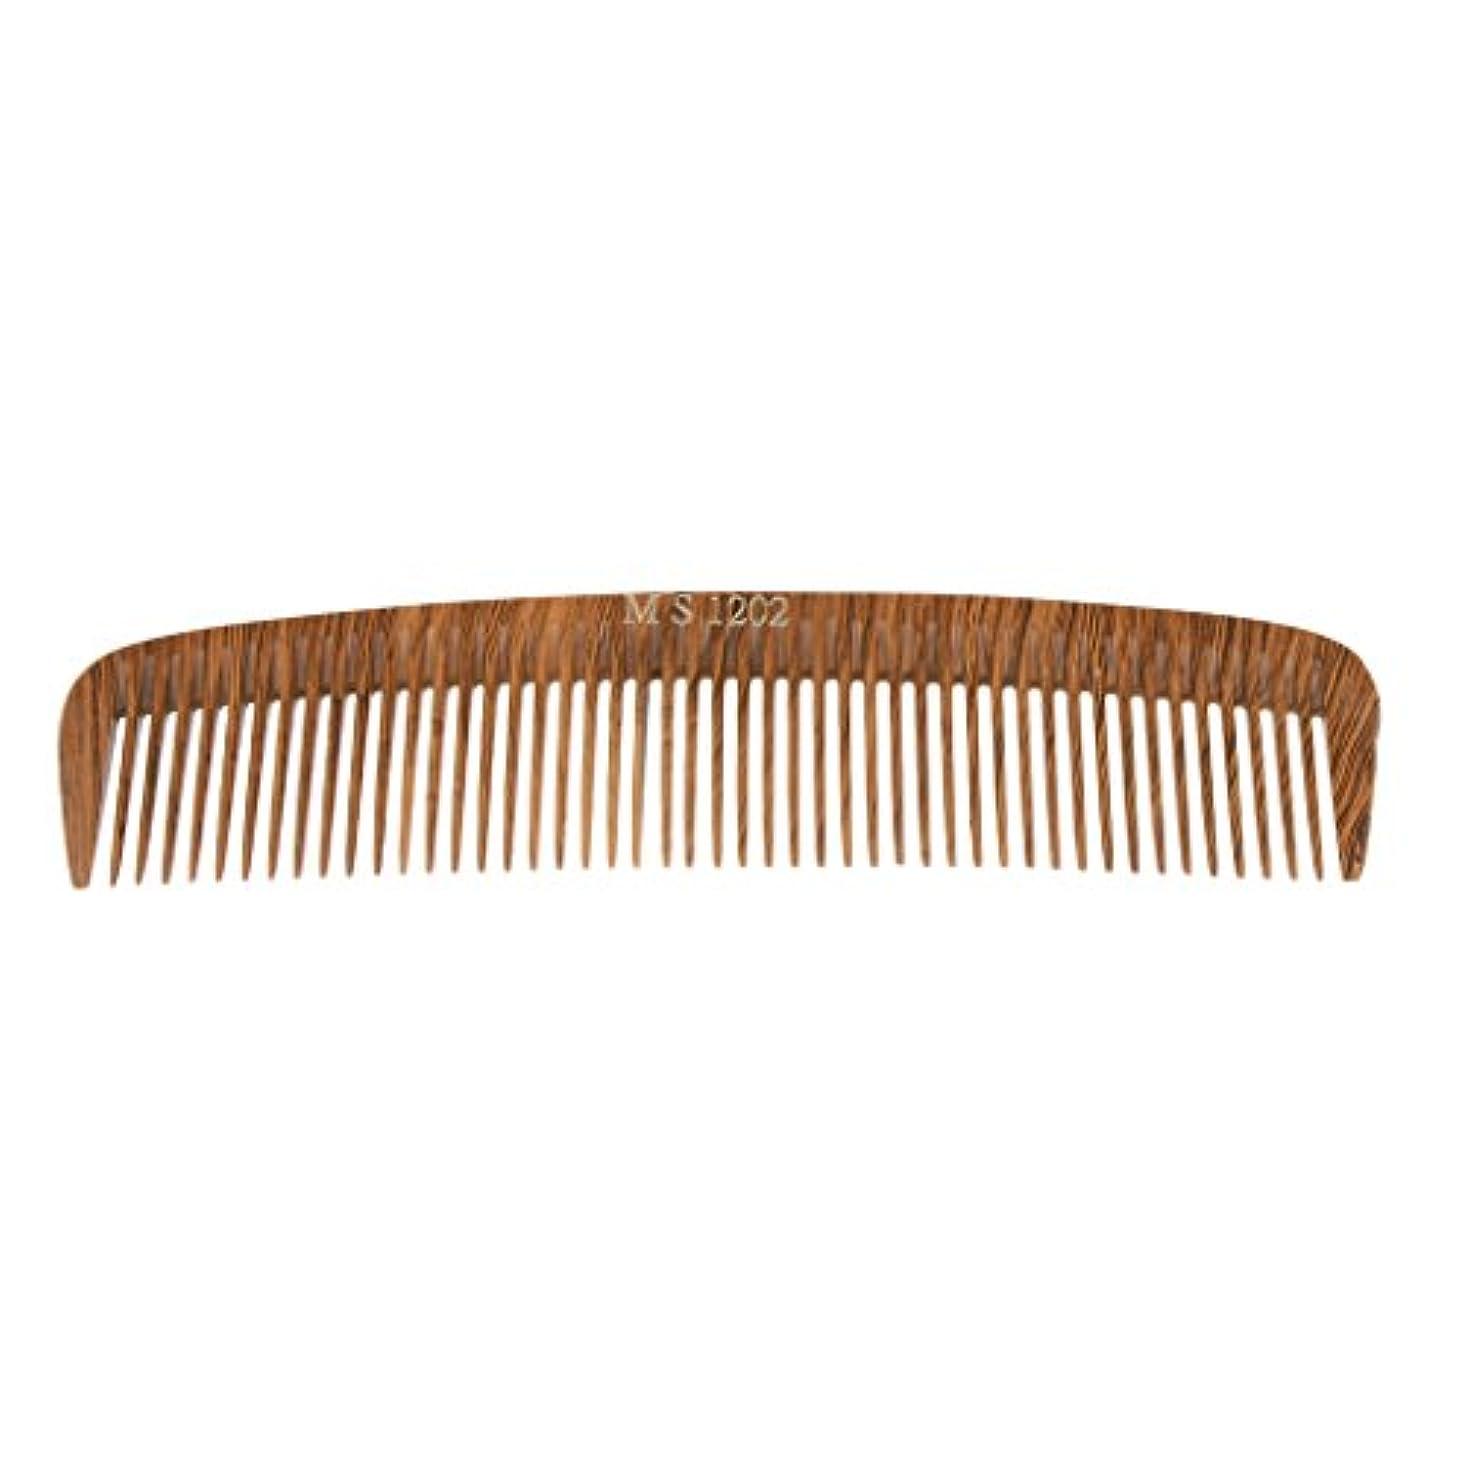 本ケニアチキンヘアカットコーム コーム 木製櫛 くし ヘアブラシ ウッド 帯電防止 4タイプ選べる - 1202